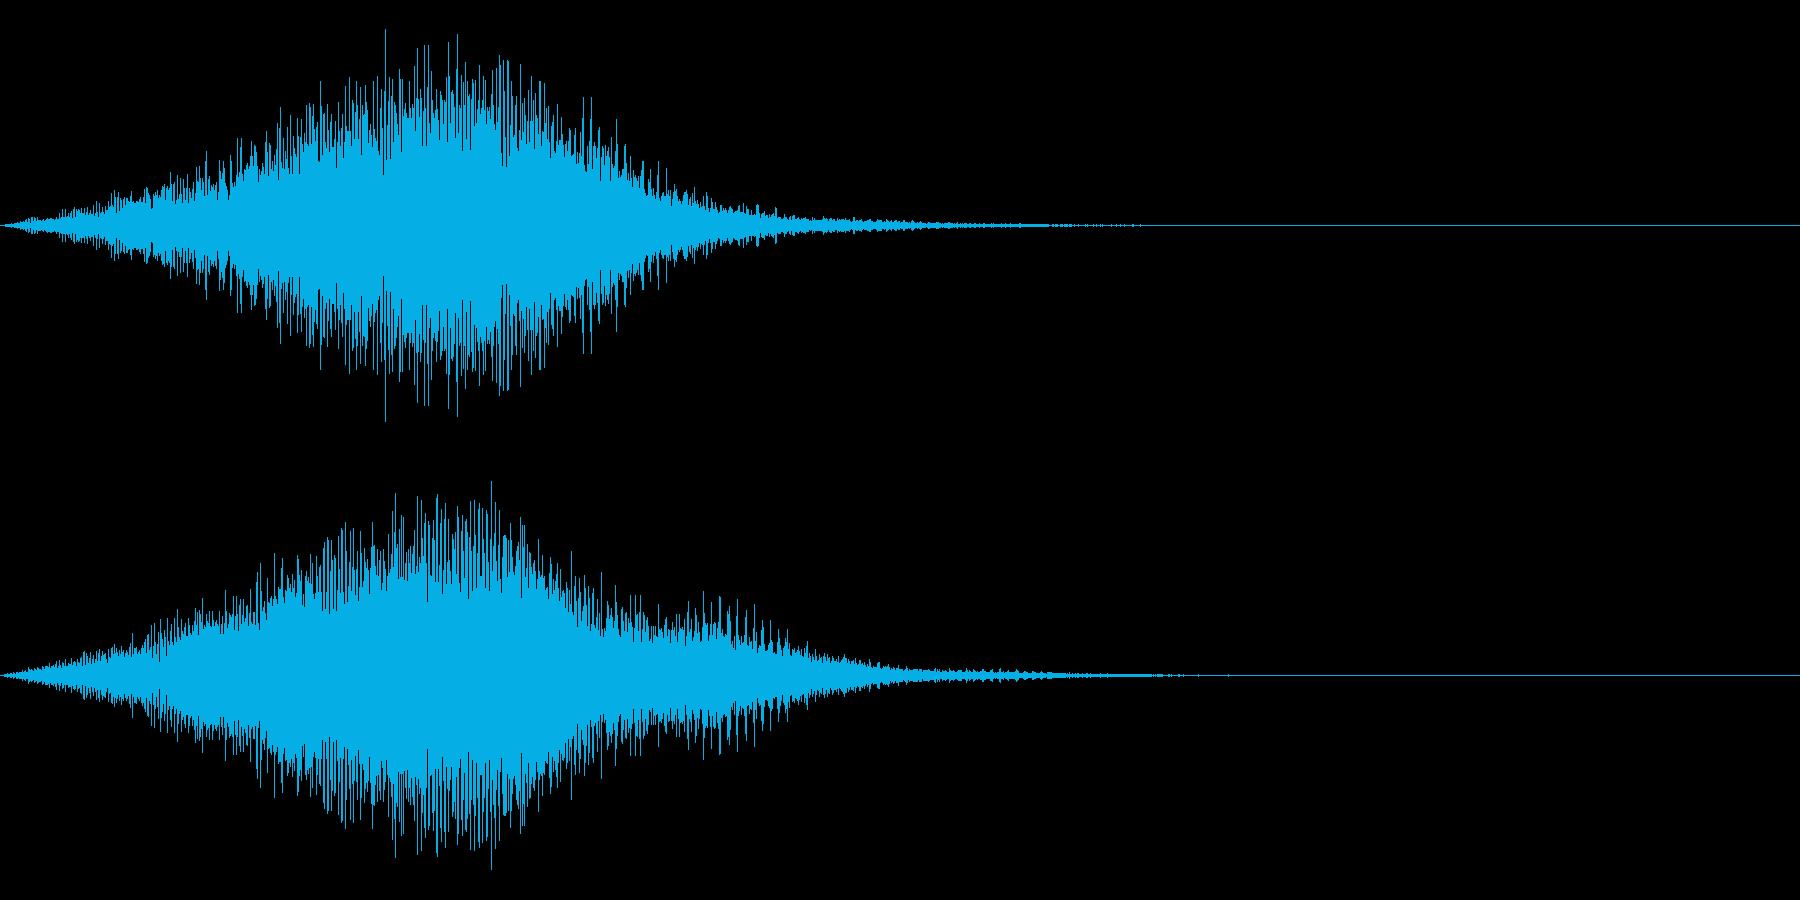 【昭和特撮風】化学反応/ワープの音 2の再生済みの波形